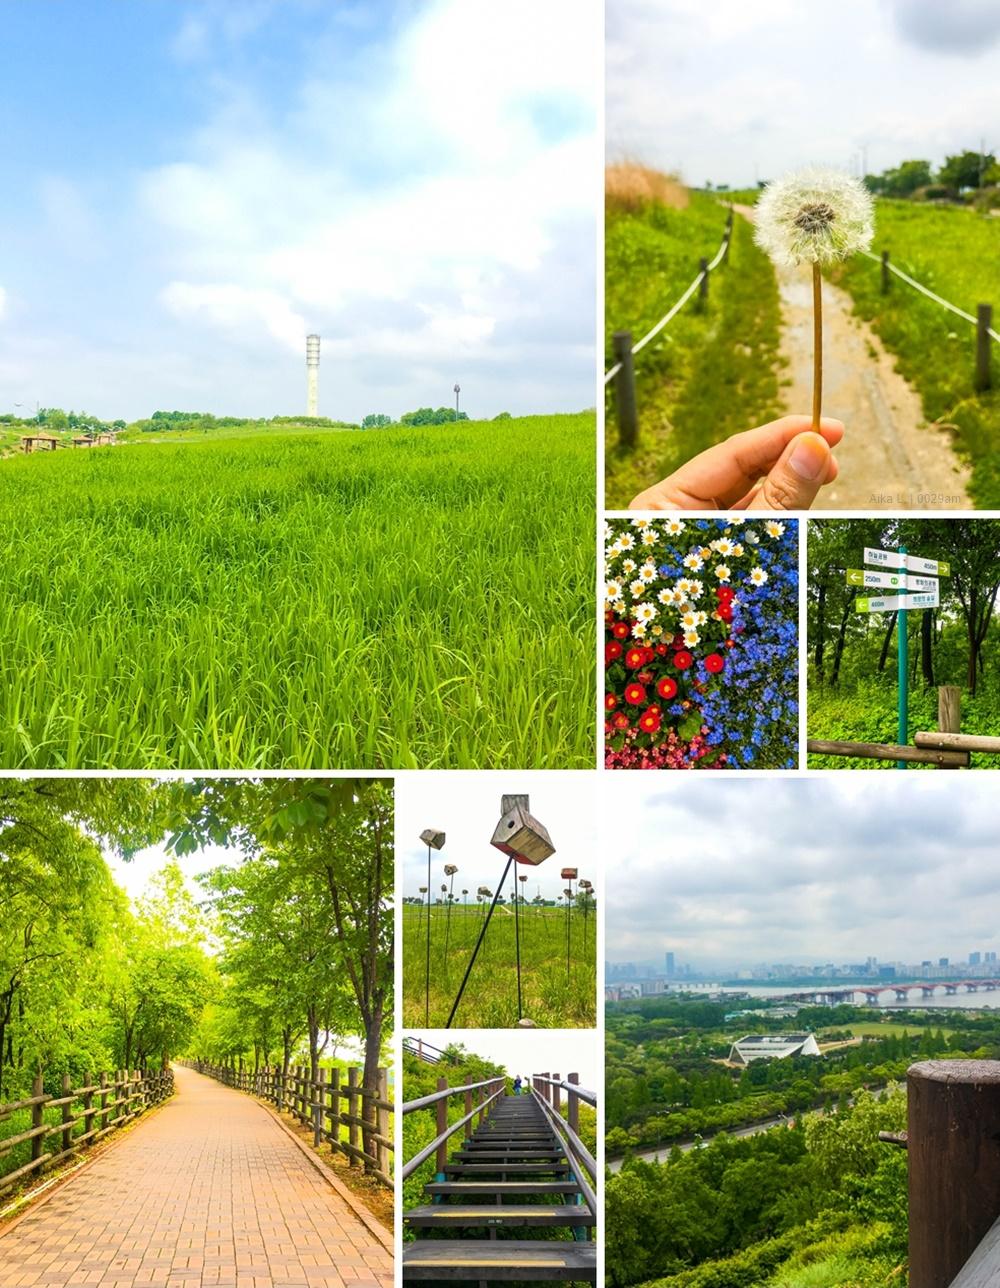 haneul park seoul